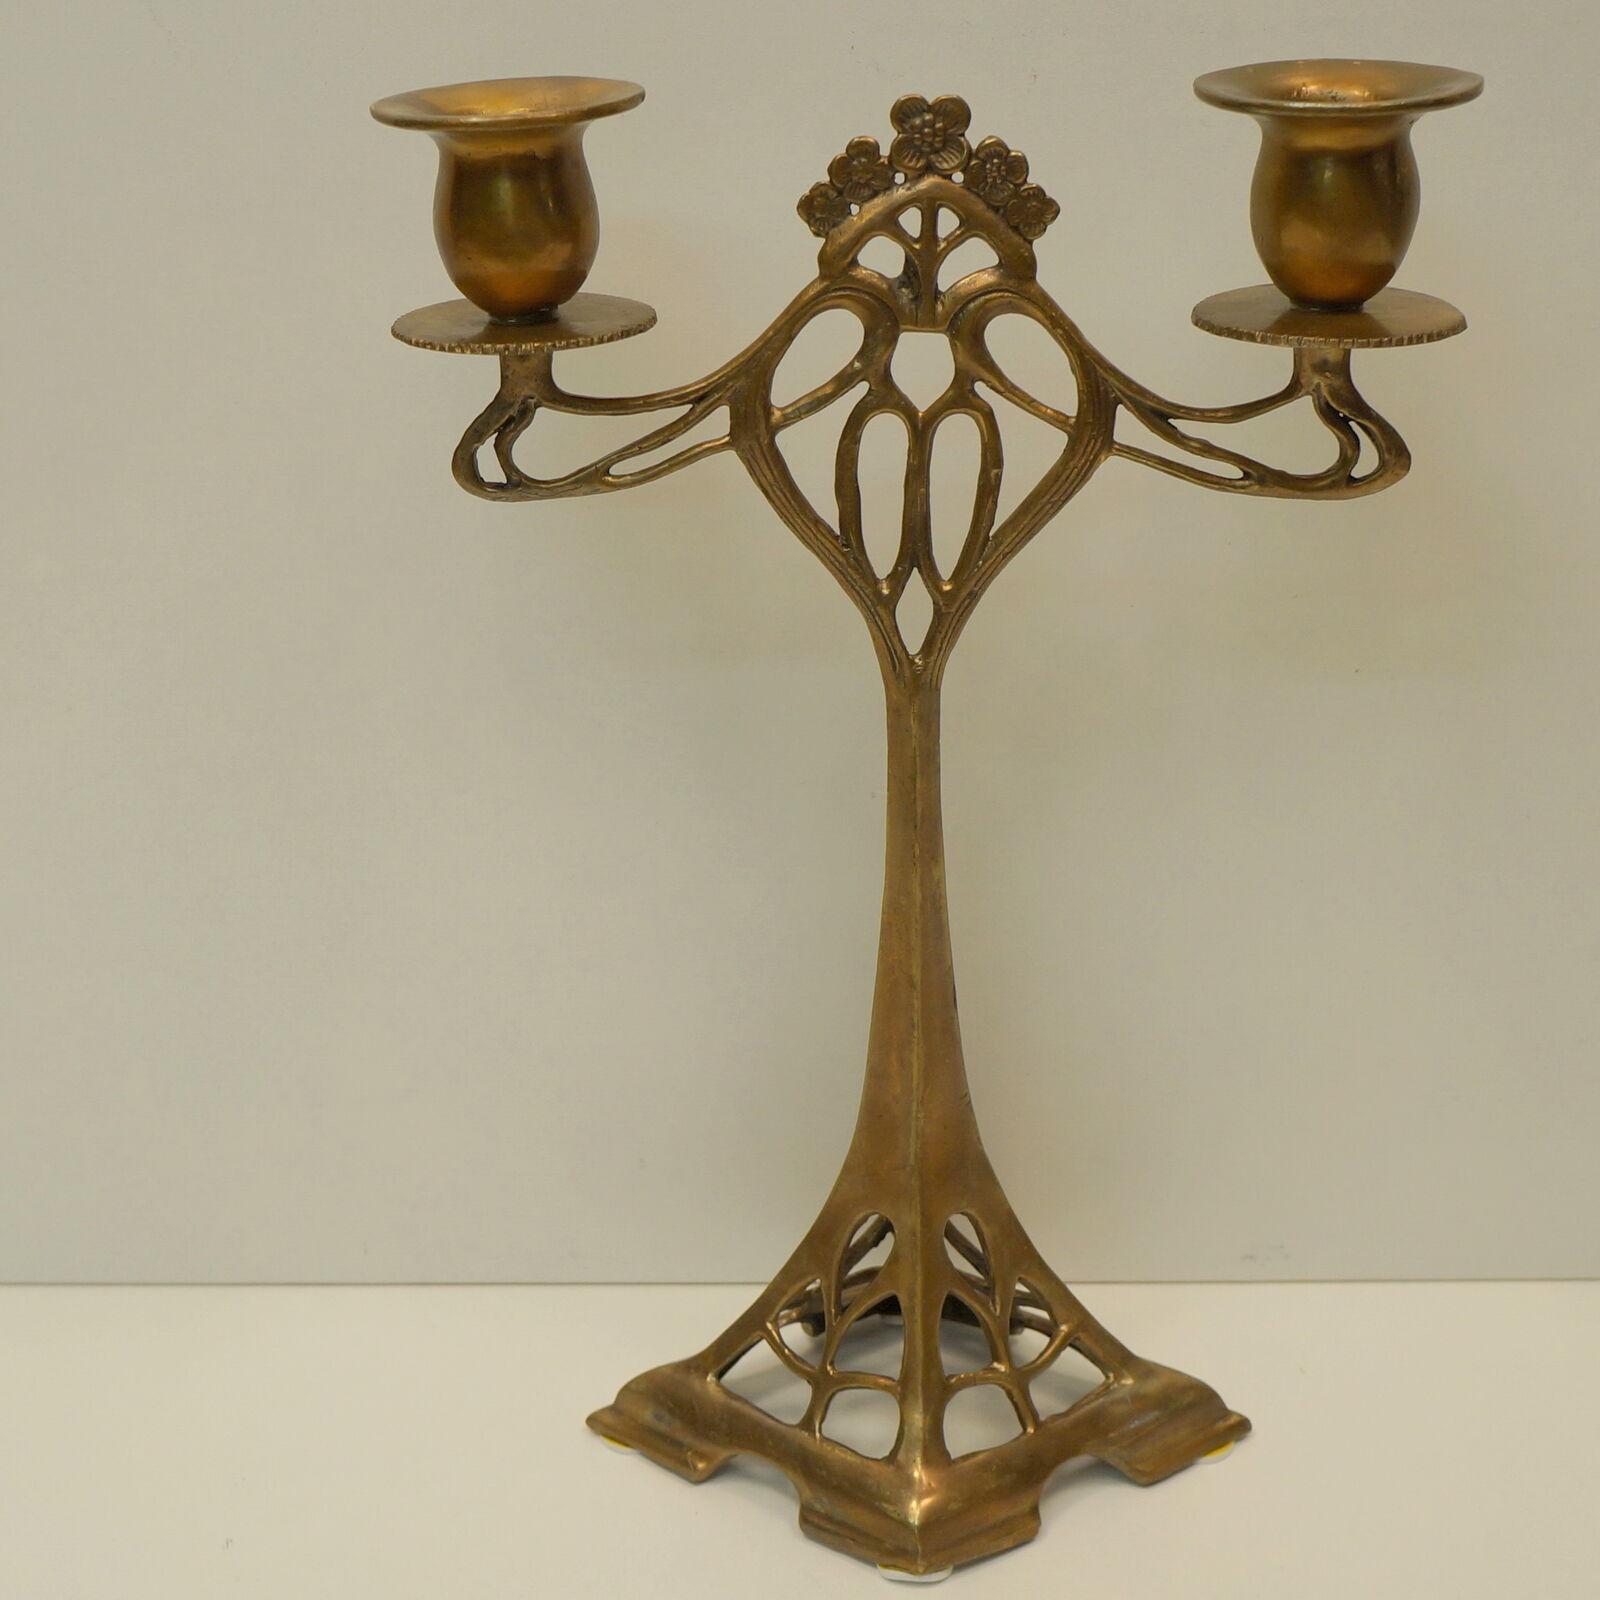 Chandelier style Art Déco Style Art Nouveau Solid Bronze